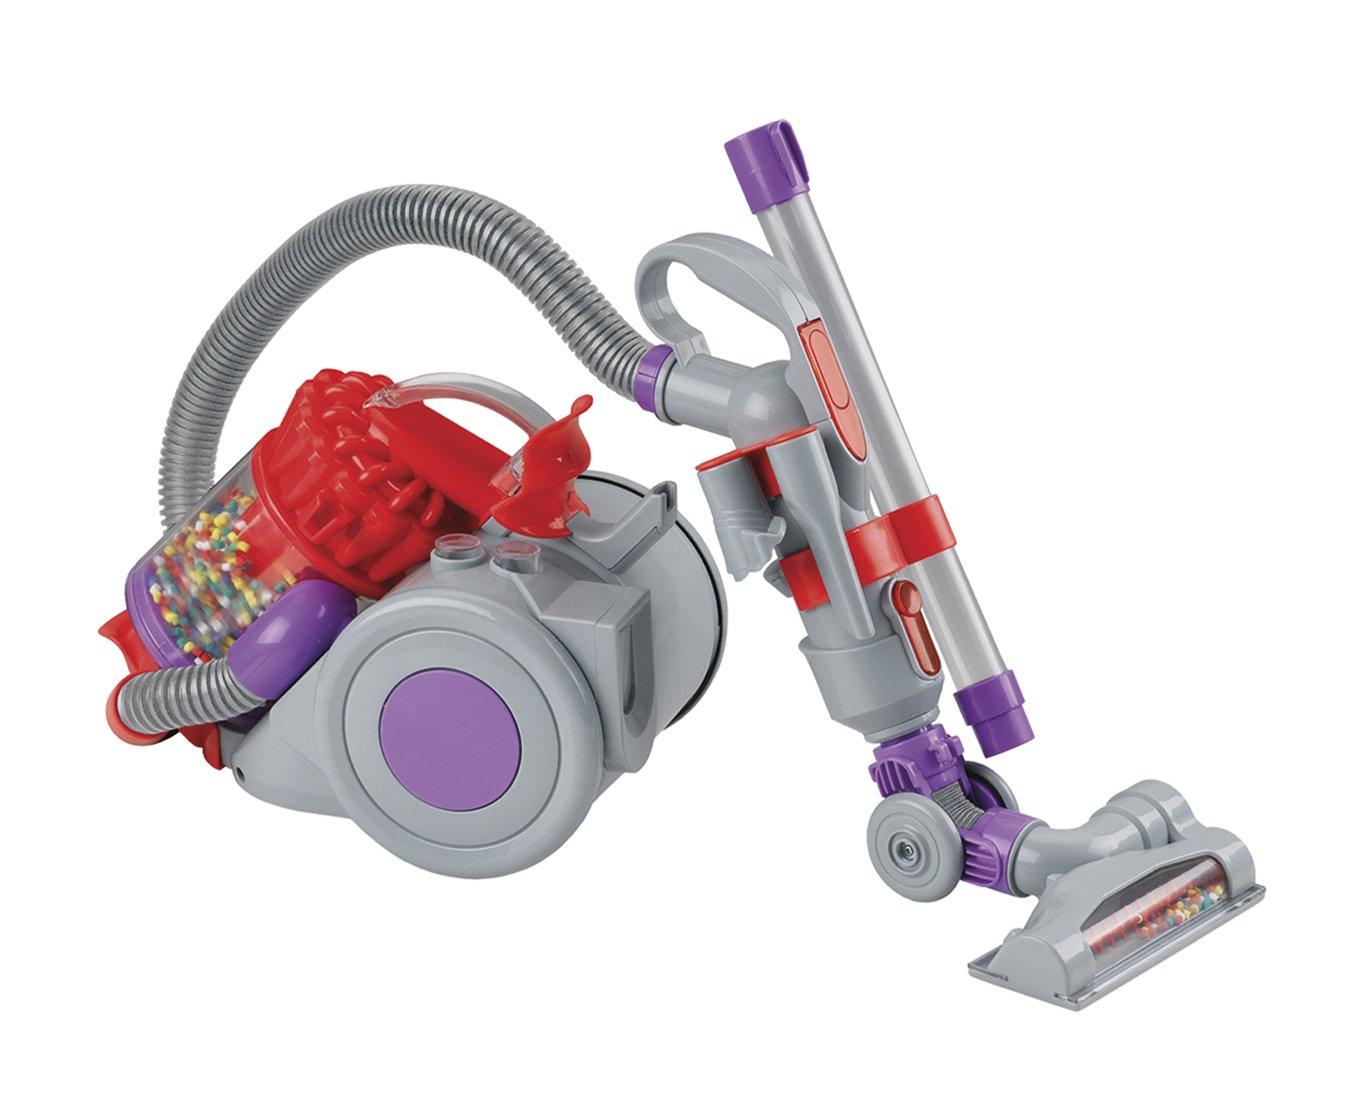 CASDON Little Helper Dyson Hottest Vacuum Toy £9.99 (Prime) £14.48 (Non-Prime) @ Amazon